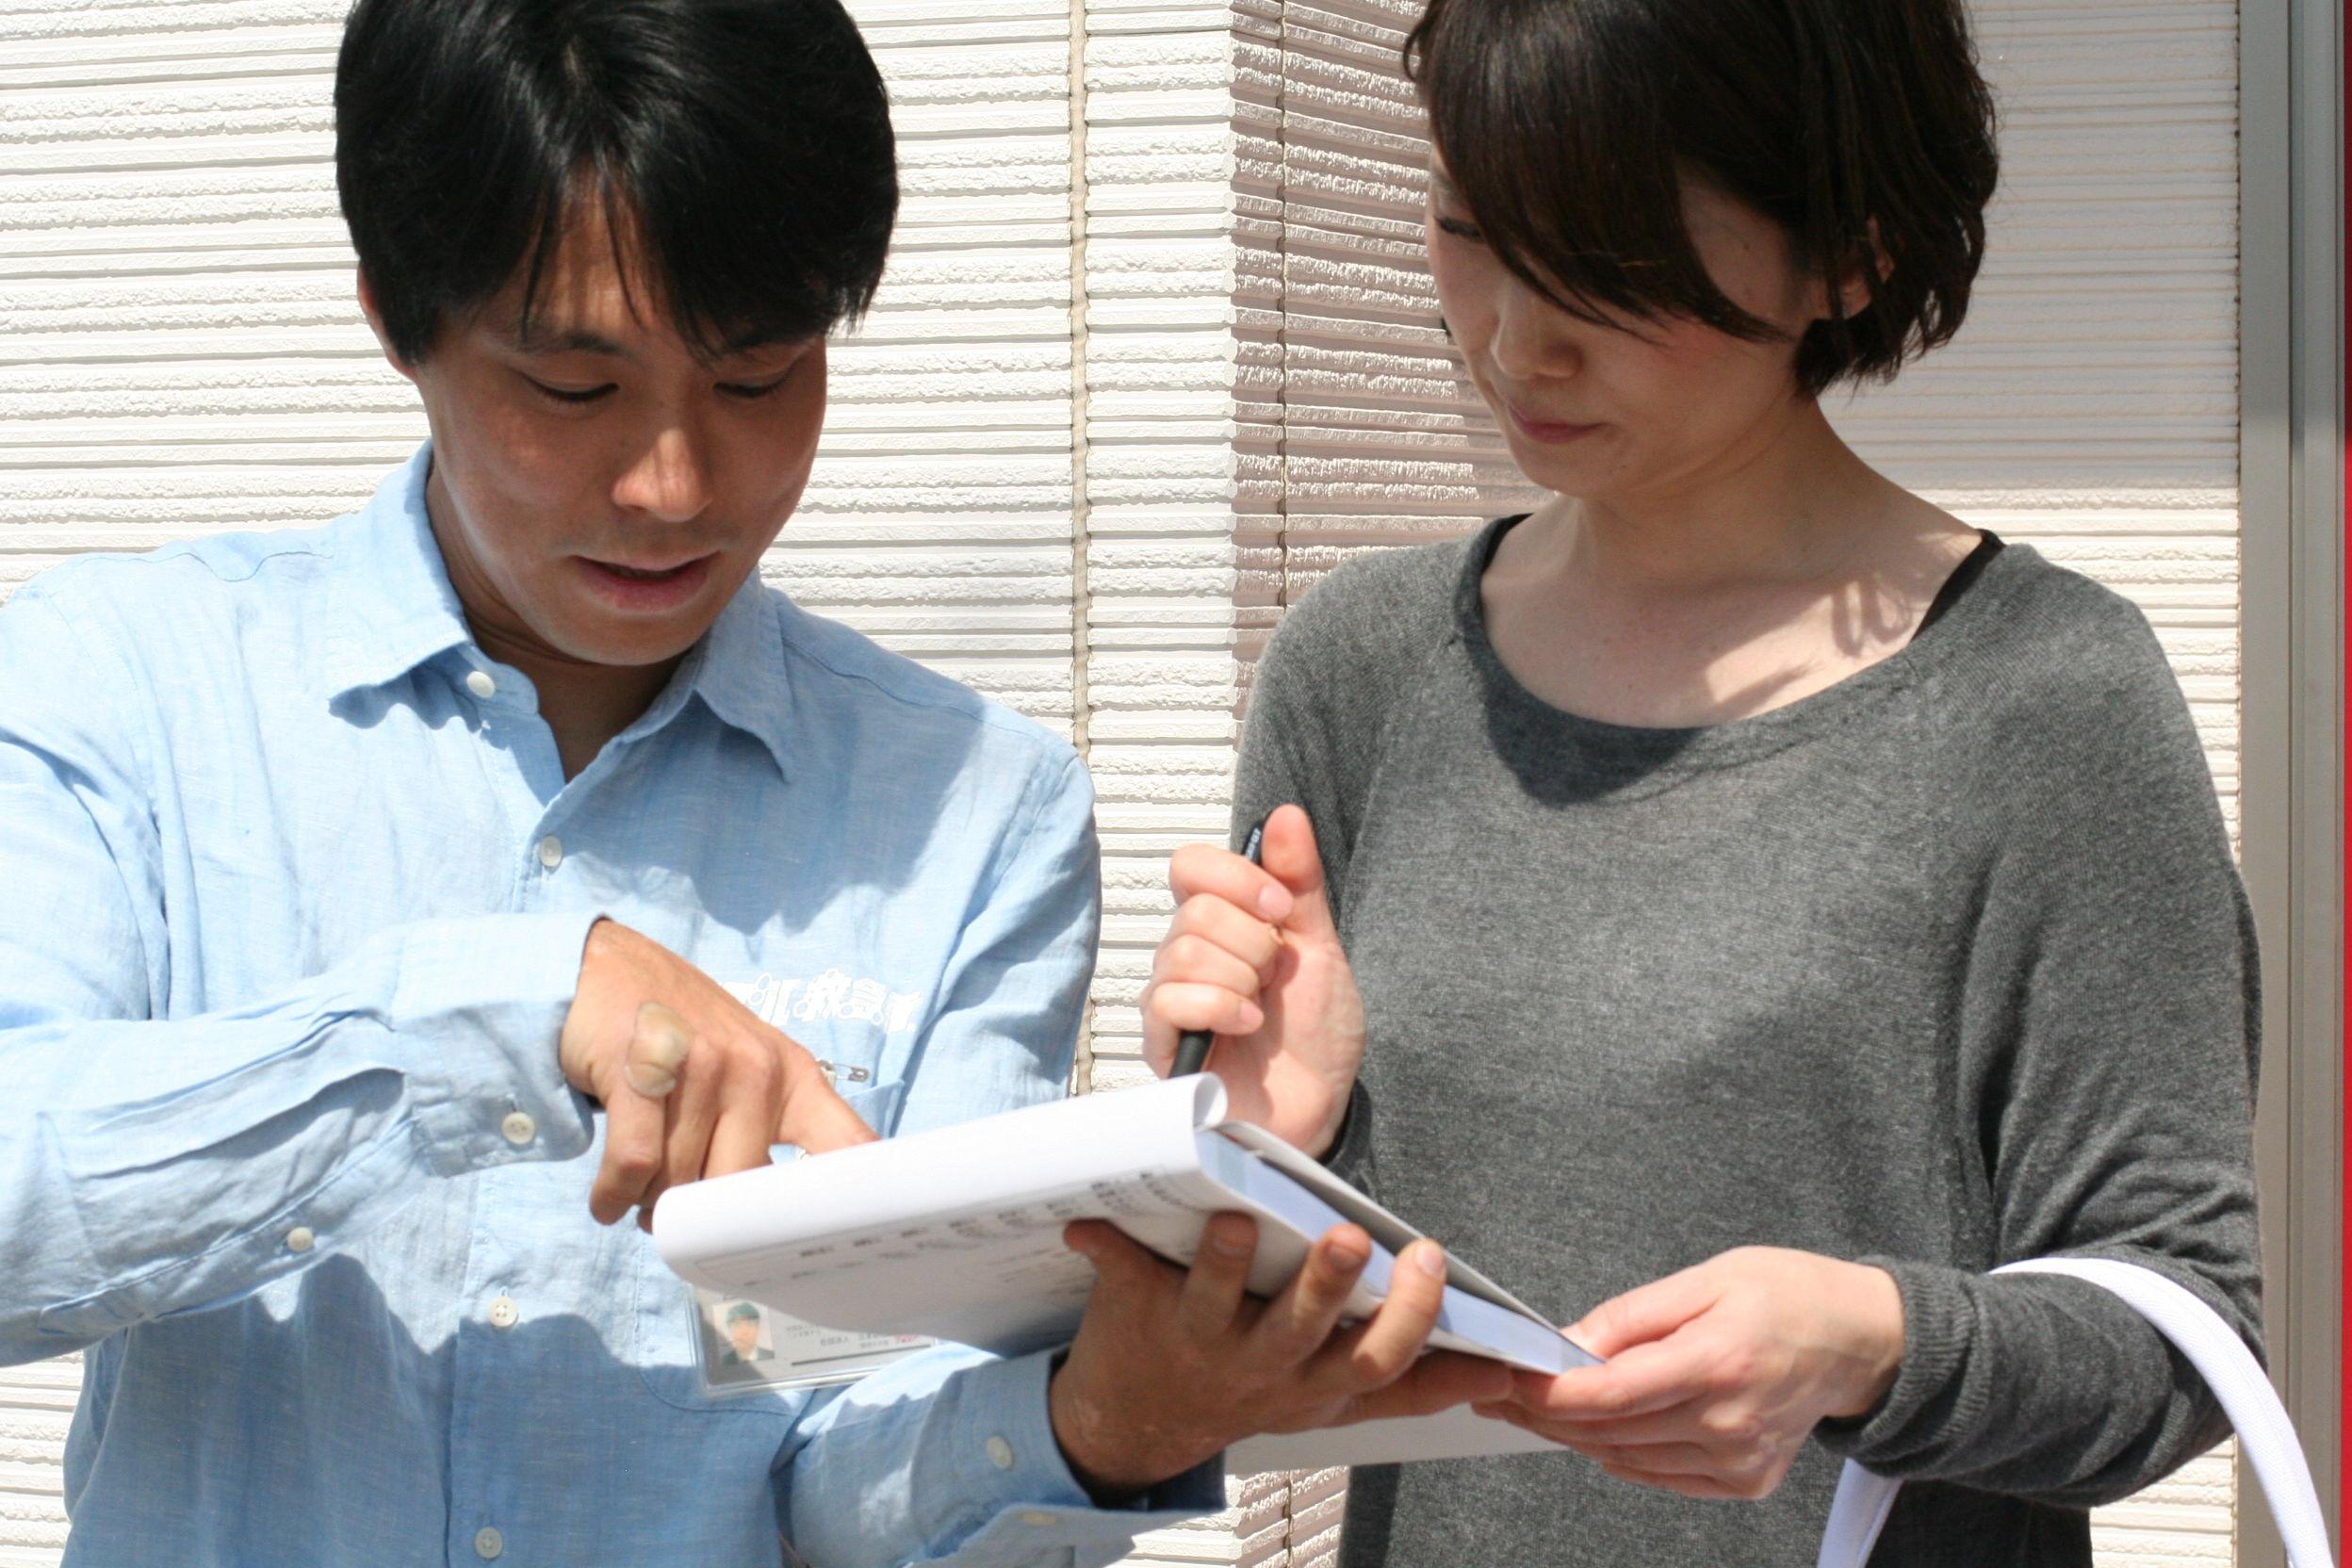 鍵のトラブル救急車【菊川市 出張エリア】のメイン画像